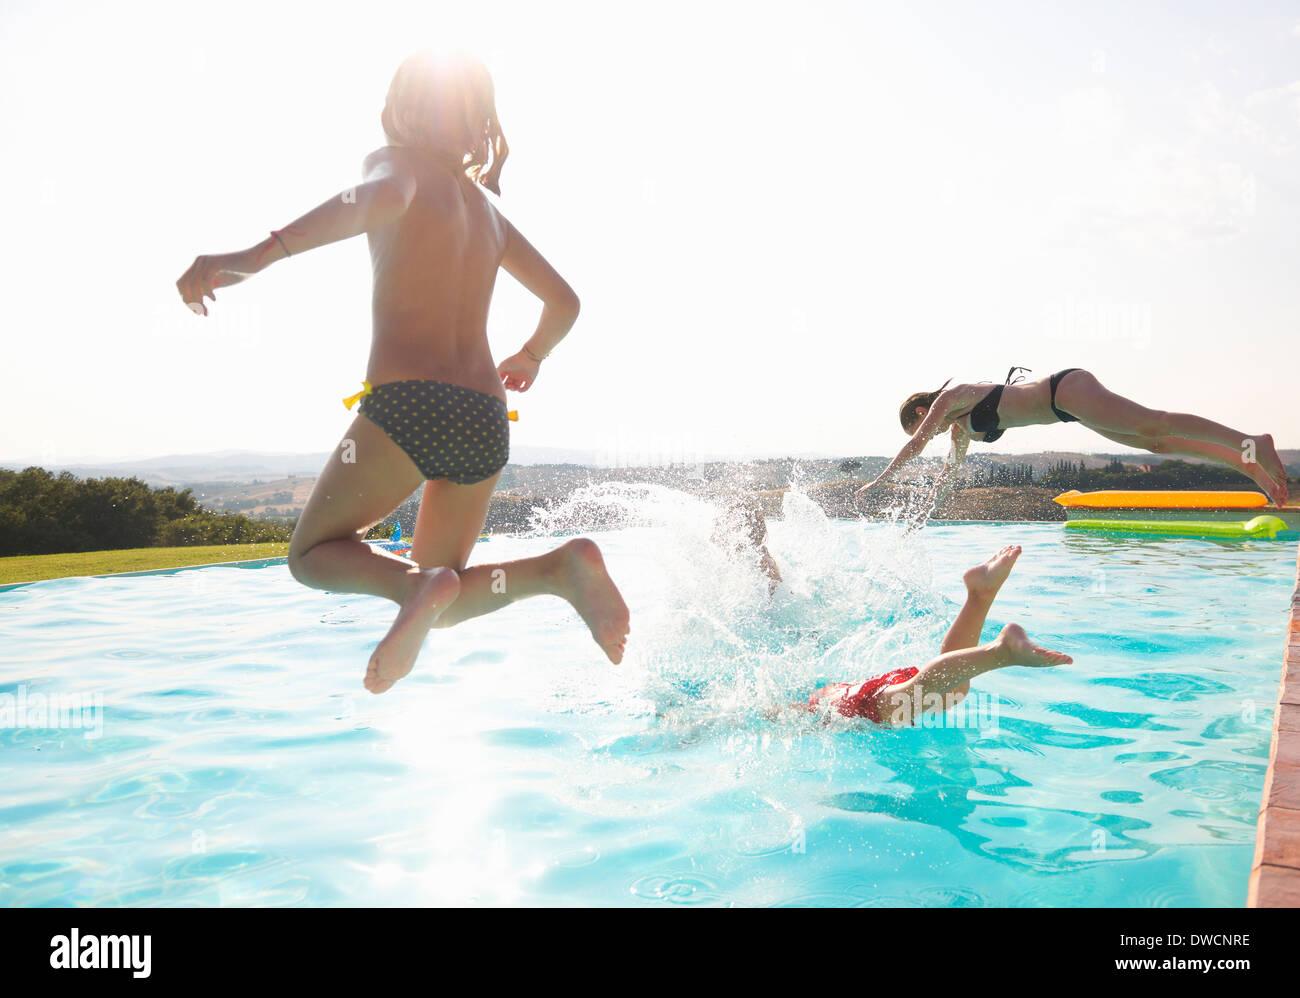 Tre Persone che saltano in piscina Immagini Stock